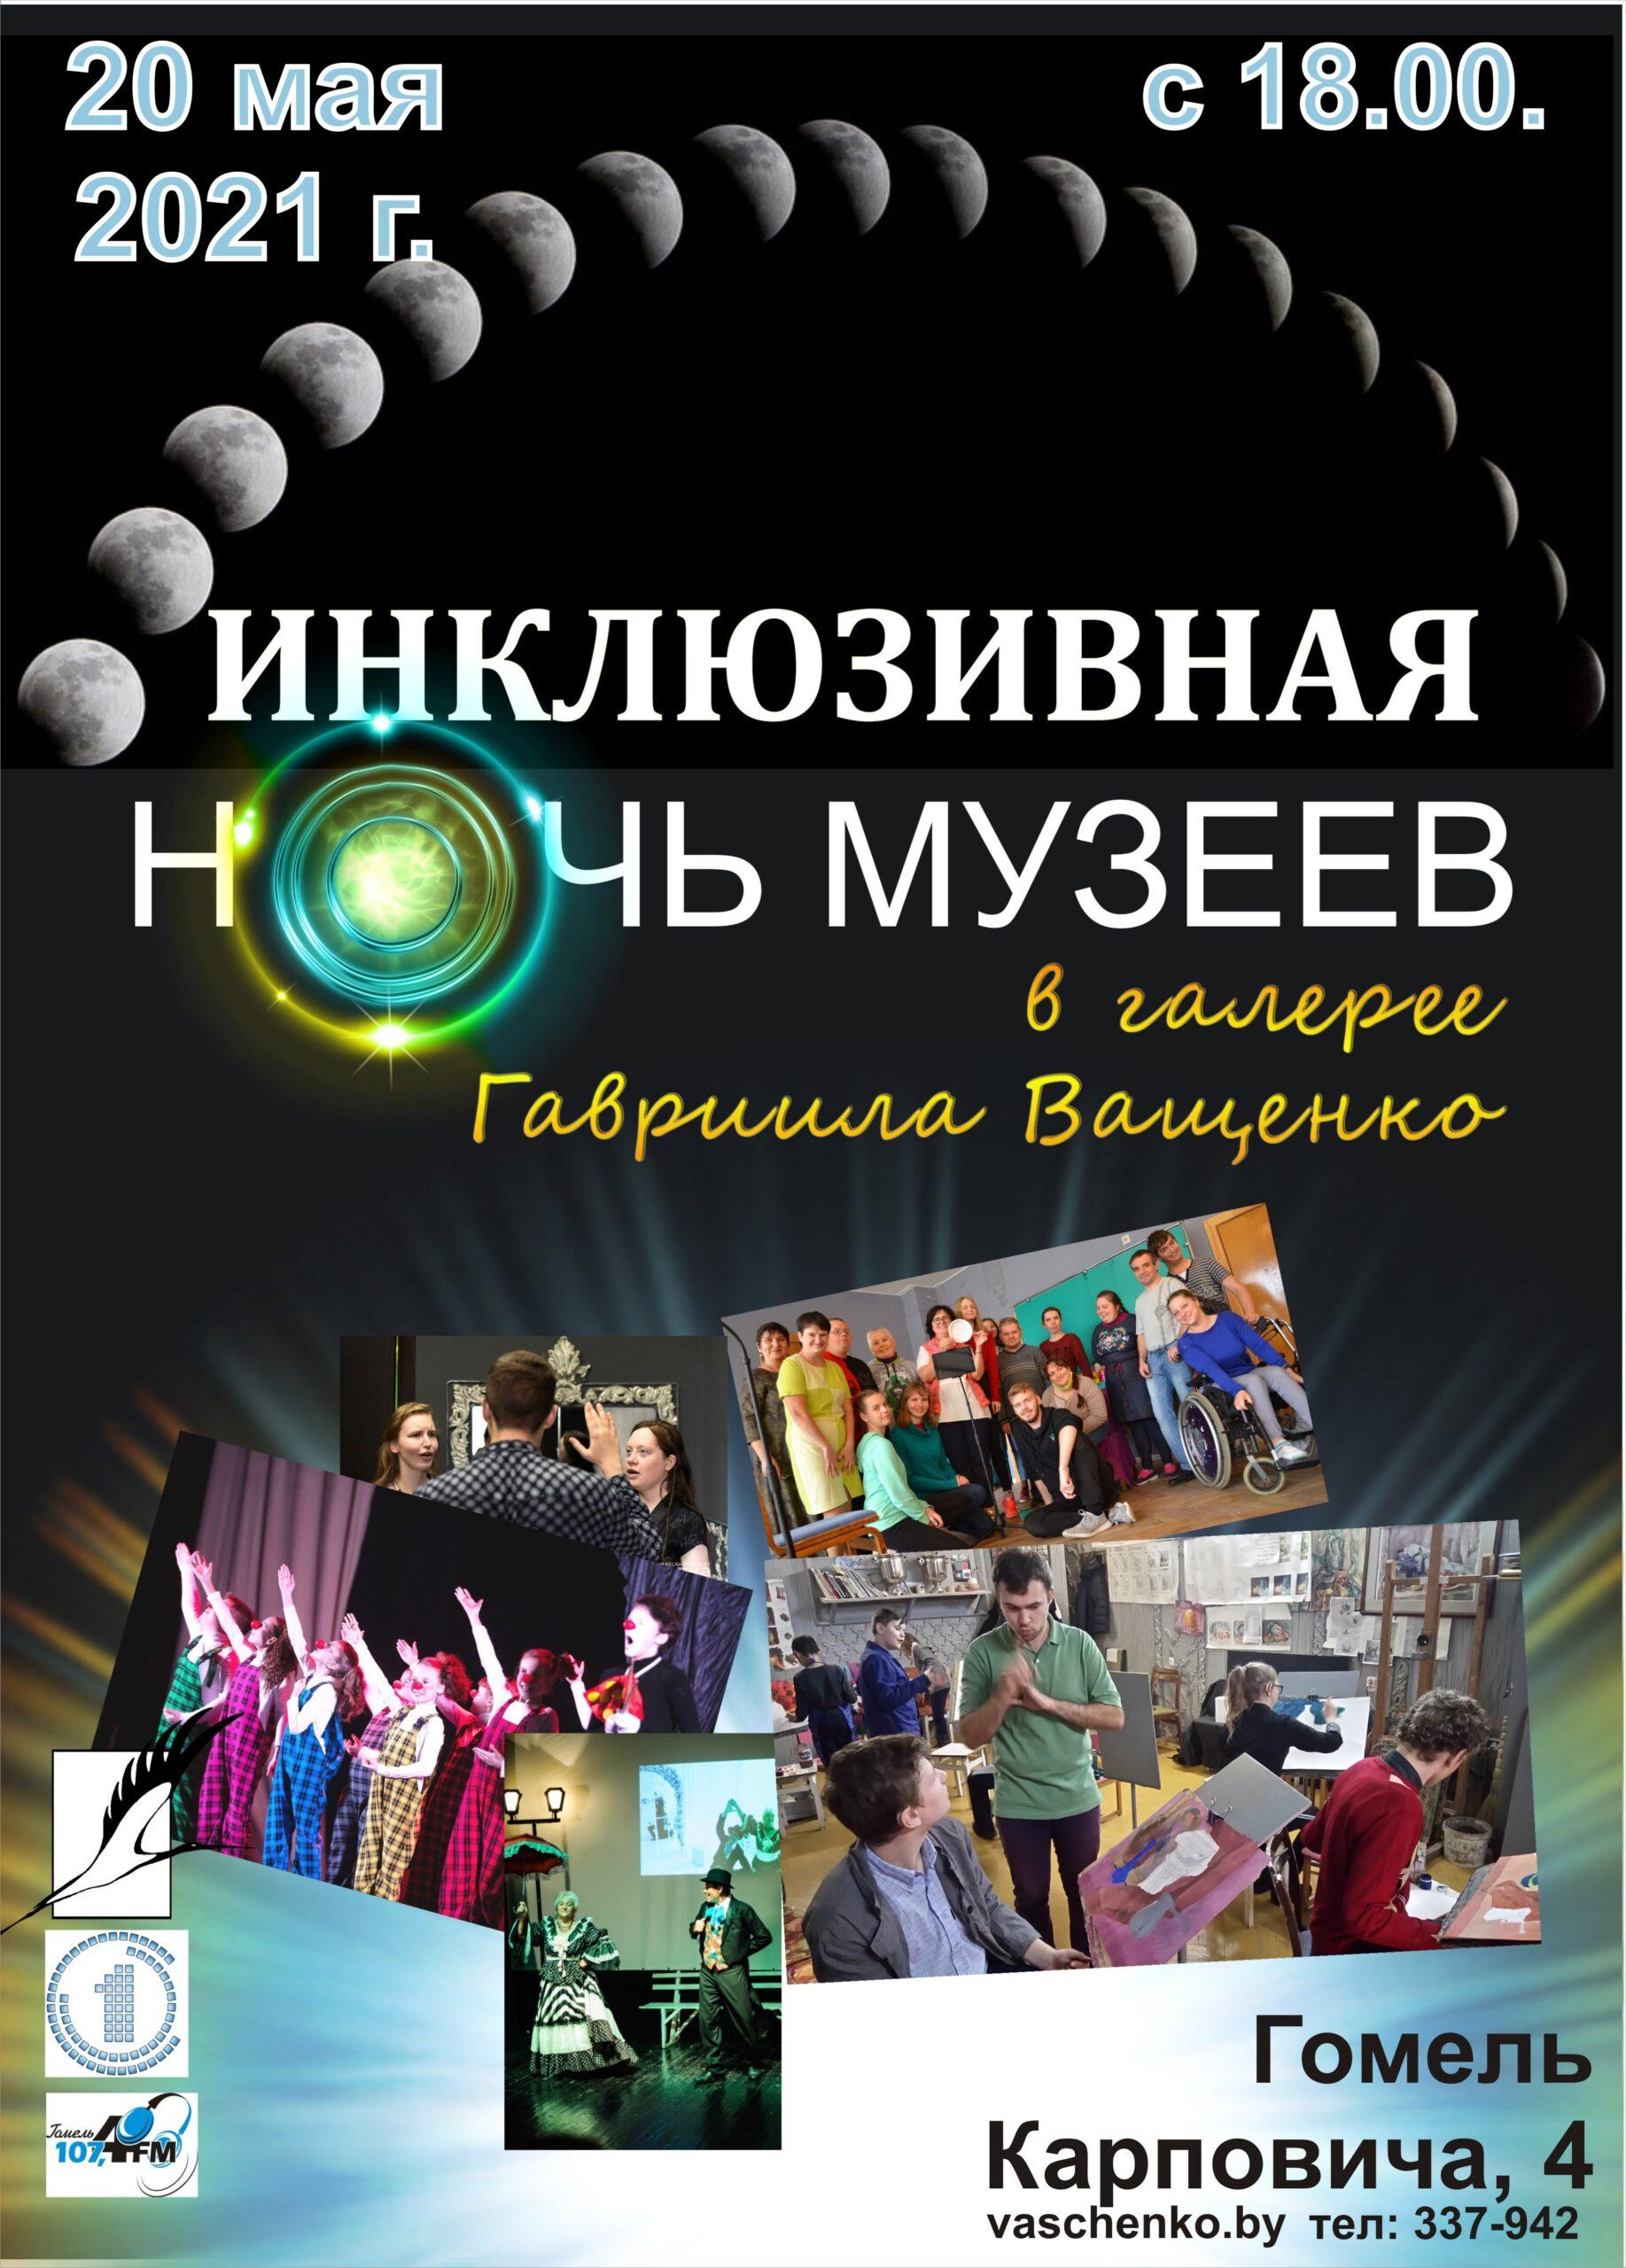 20 мая 2021 года Инклюзивная ночь музеев в галерее Г.Х.Ващенко